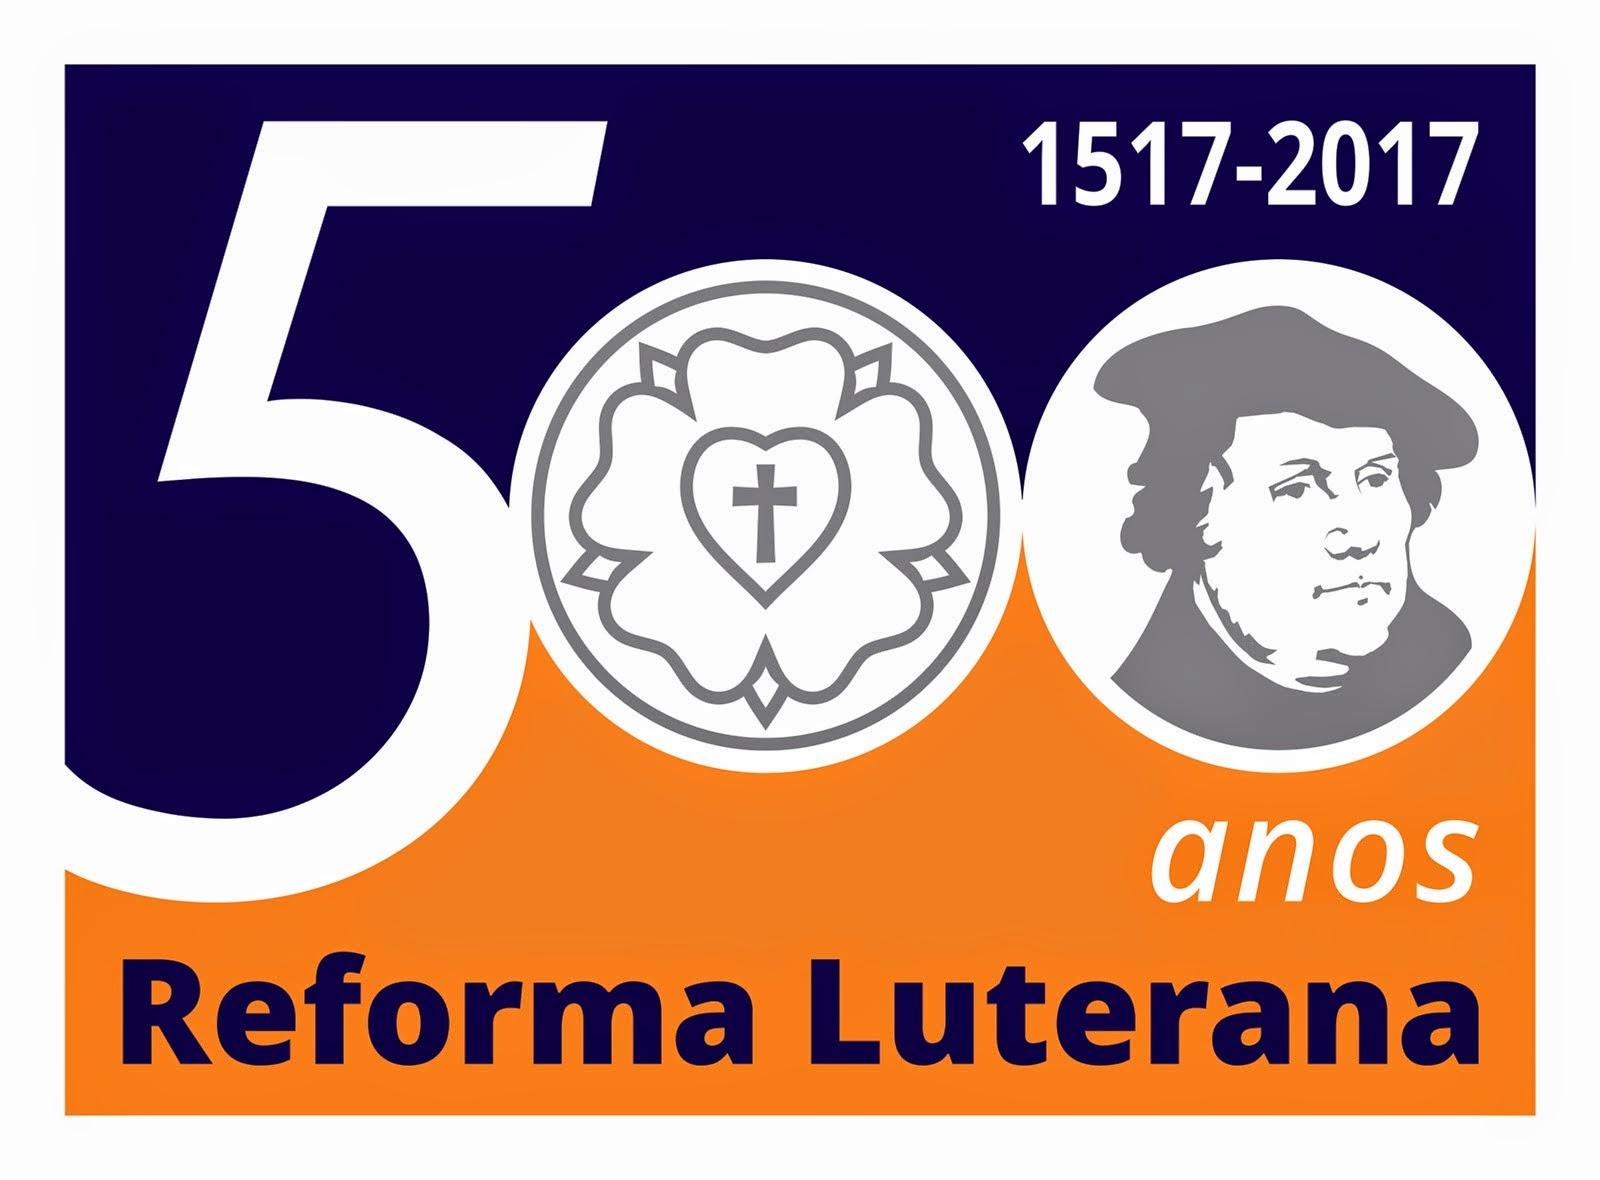 Selo comemorativo - Rumo aos 500 nos da Reforma em 2017.